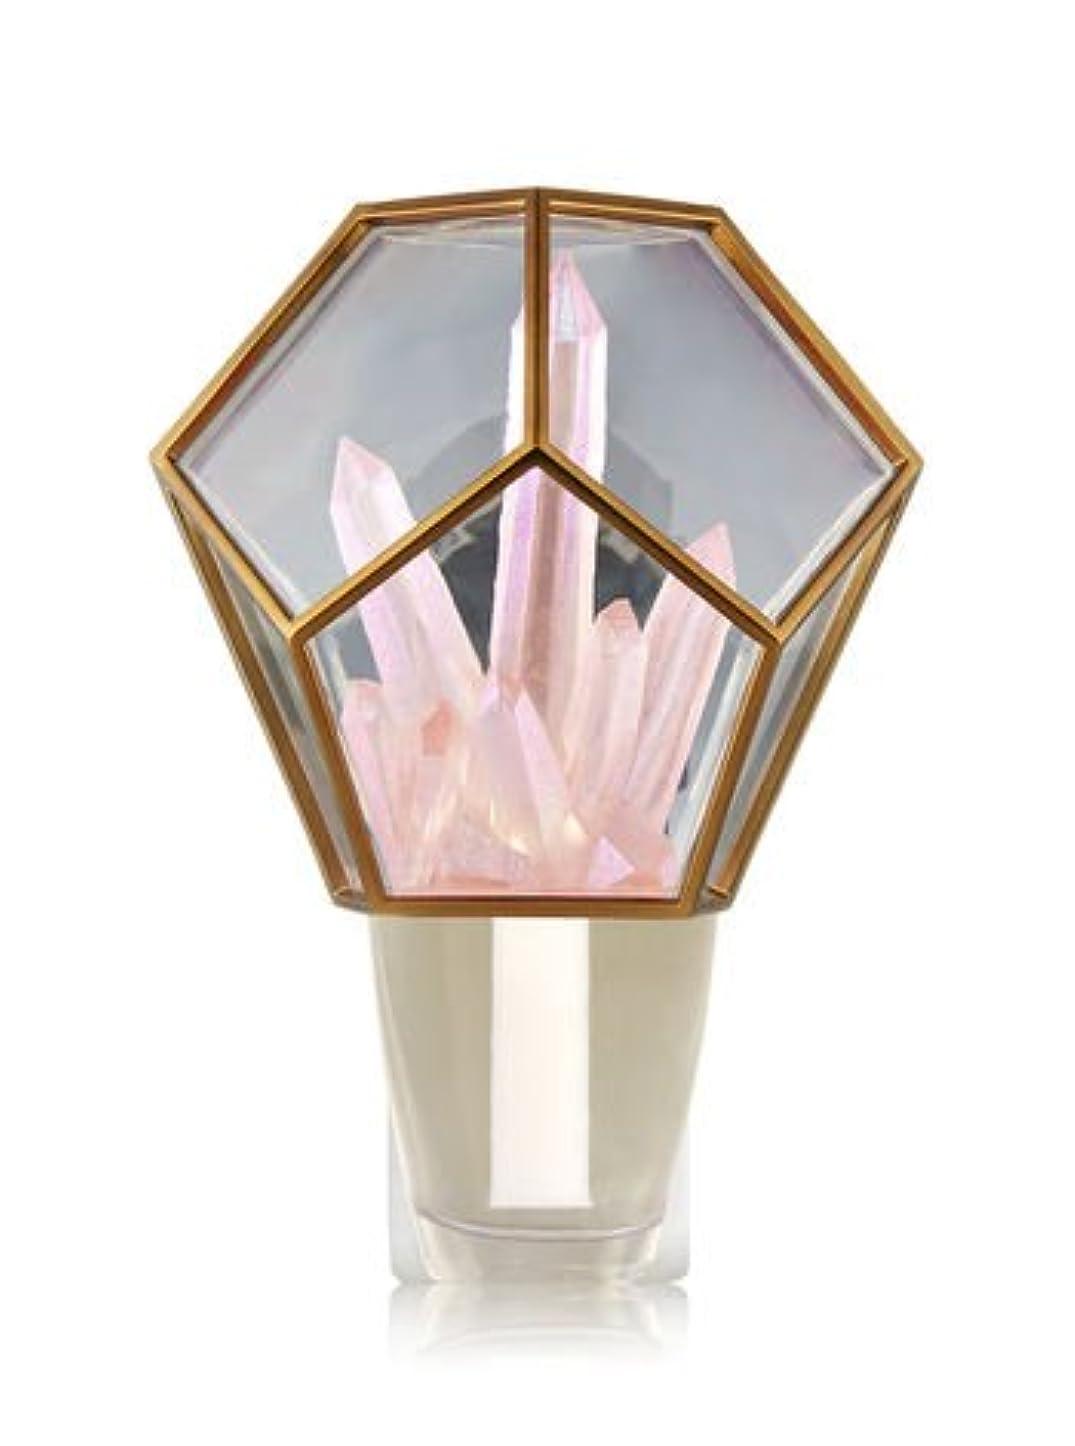 遡るますます代表【Bath&Body Works/バス&ボディワークス】 ルームフレグランス プラグインスターター (本体のみ) クリスタルテラリウムナイトライト Wallflowers Fragrance Crystal Terrarium...